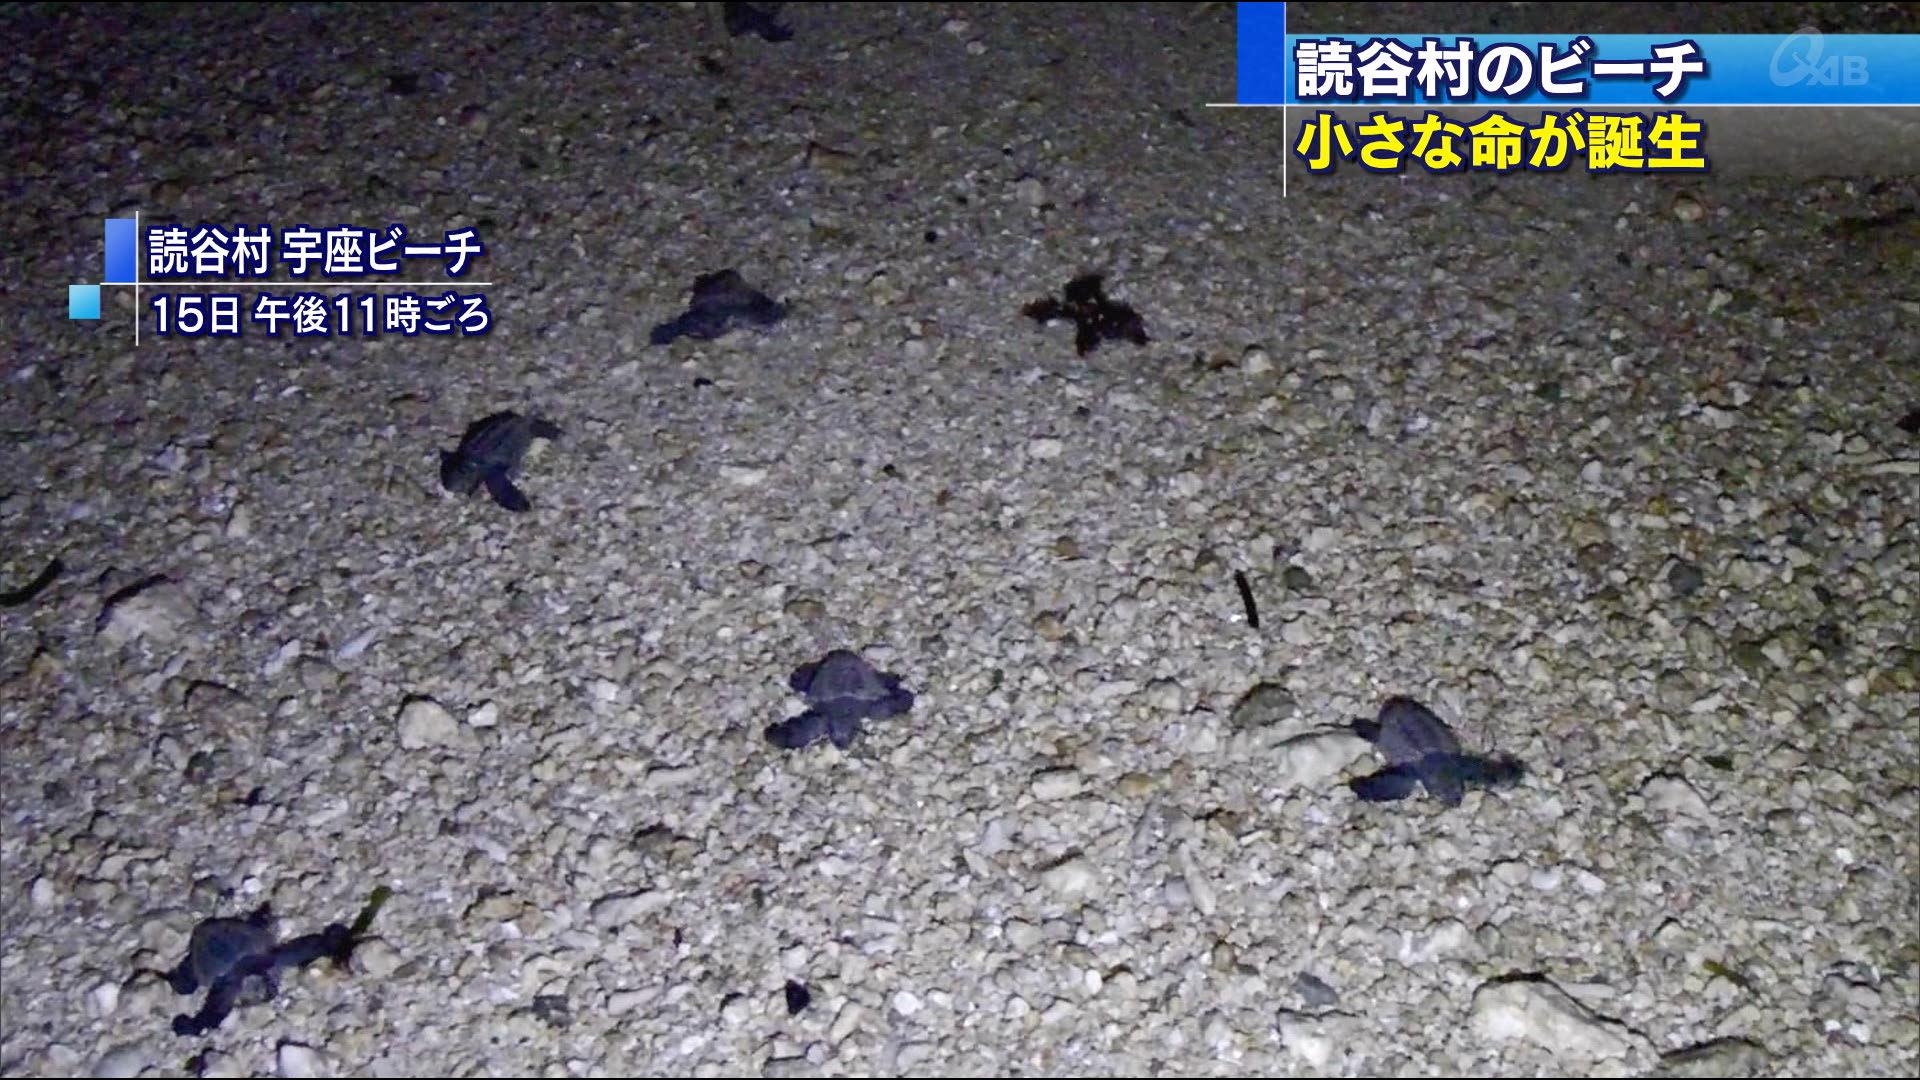 同じ夜に アオウミガメの「ふ化と産卵」を撮影